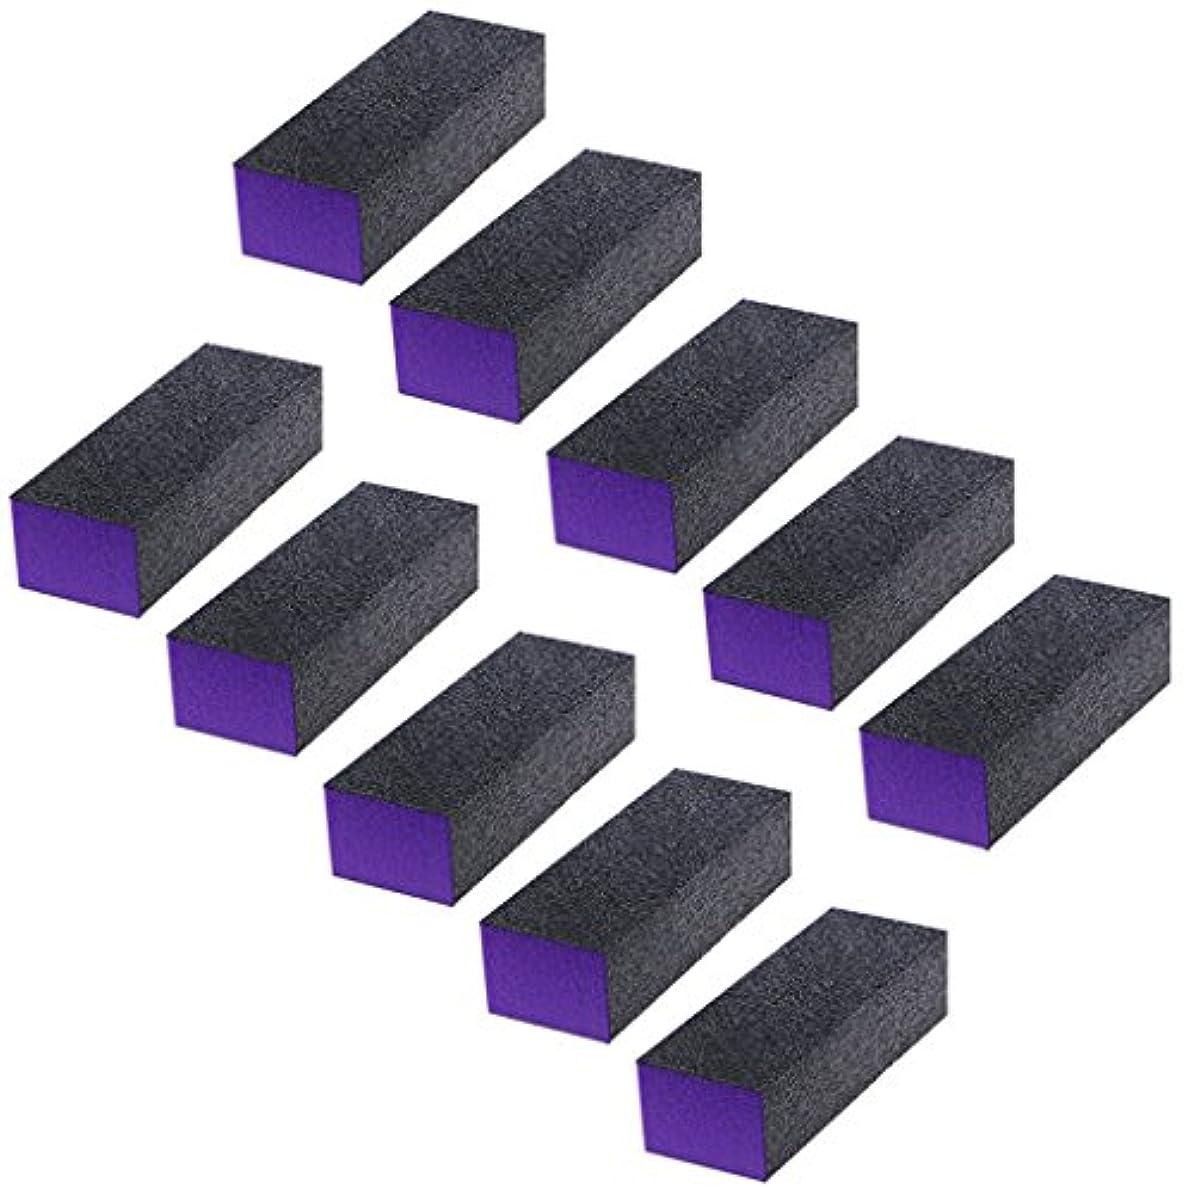 に渡ってポータブル文字通りジャッキー黒紫豆腐ブロック10個ピース黒紫バッファーバフ研磨サンディングブロックファイルグリットネイルアートツールセット